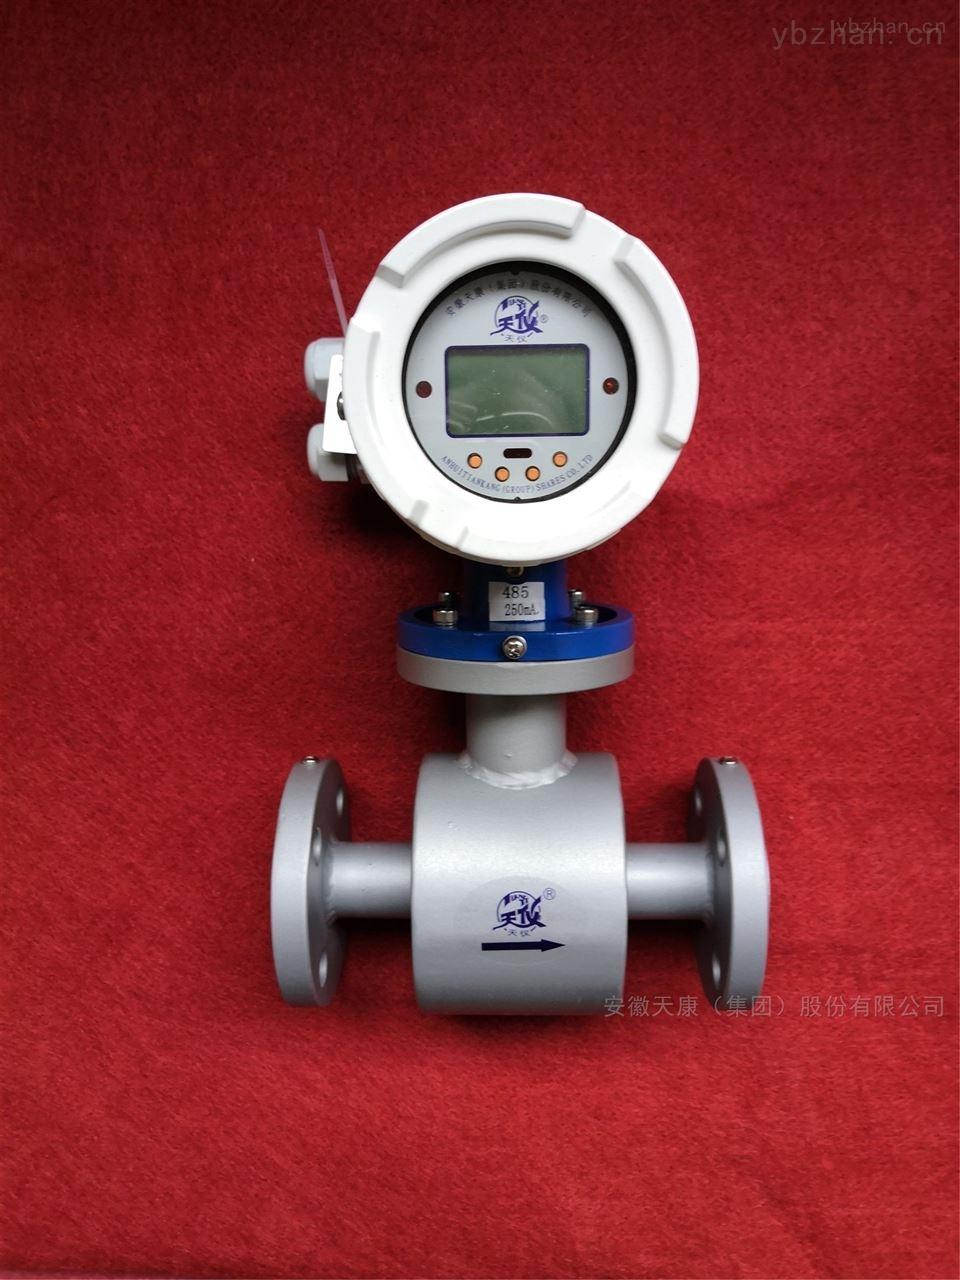 天康TK1200高精度系列电磁流量计